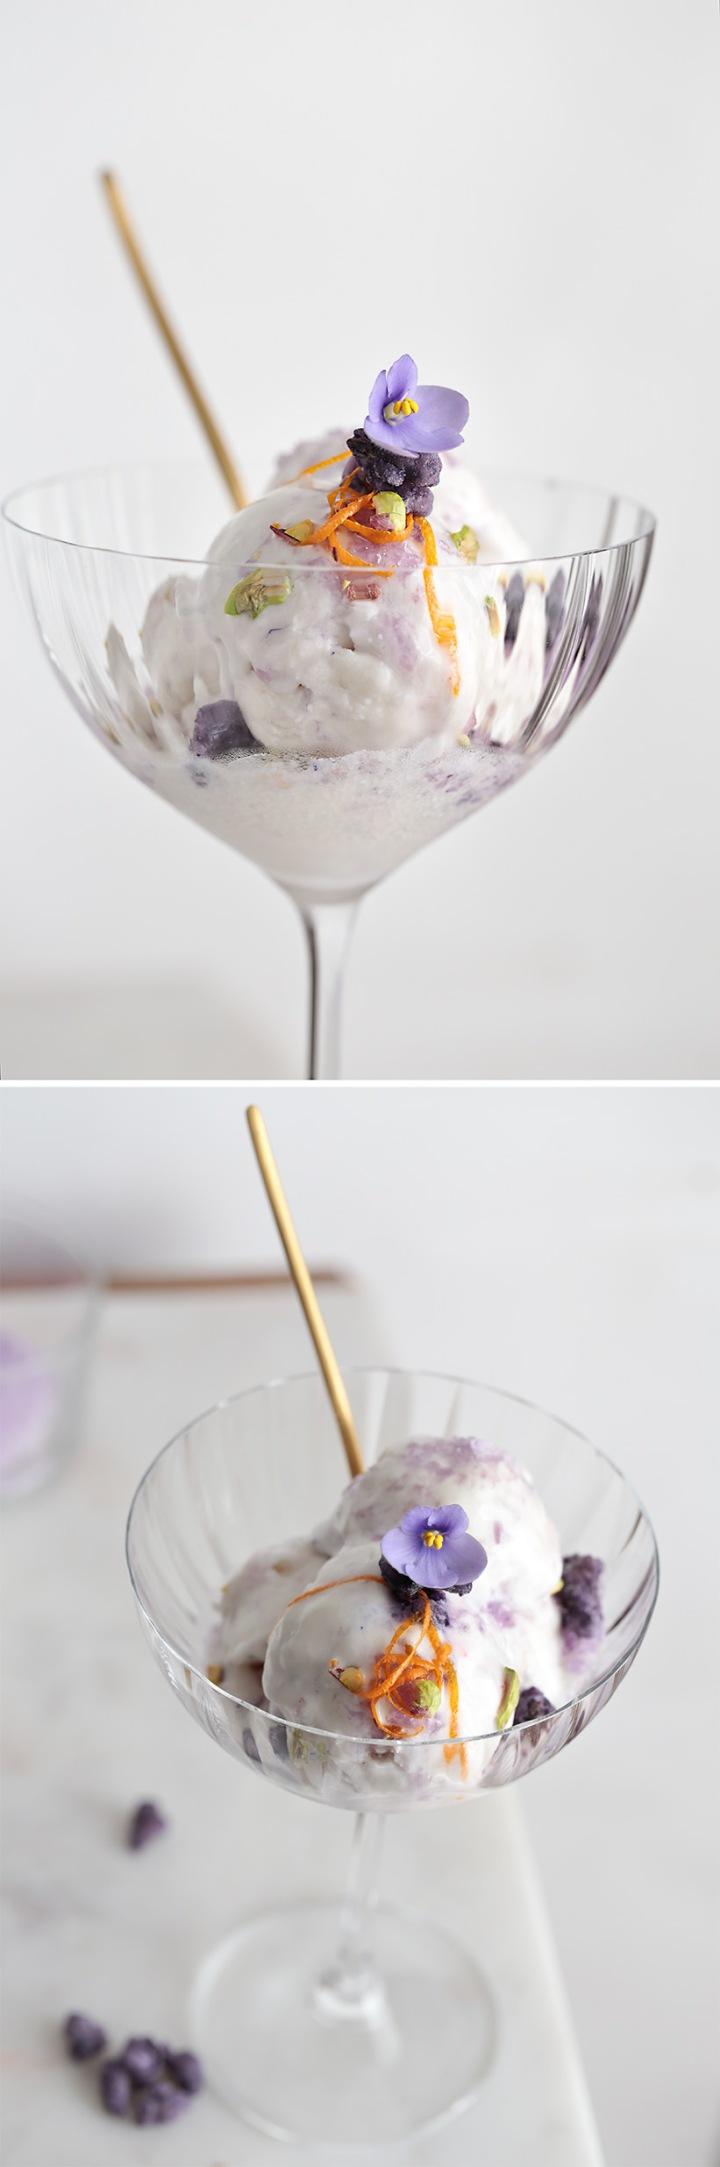 Receta helado de violeta estilo persa